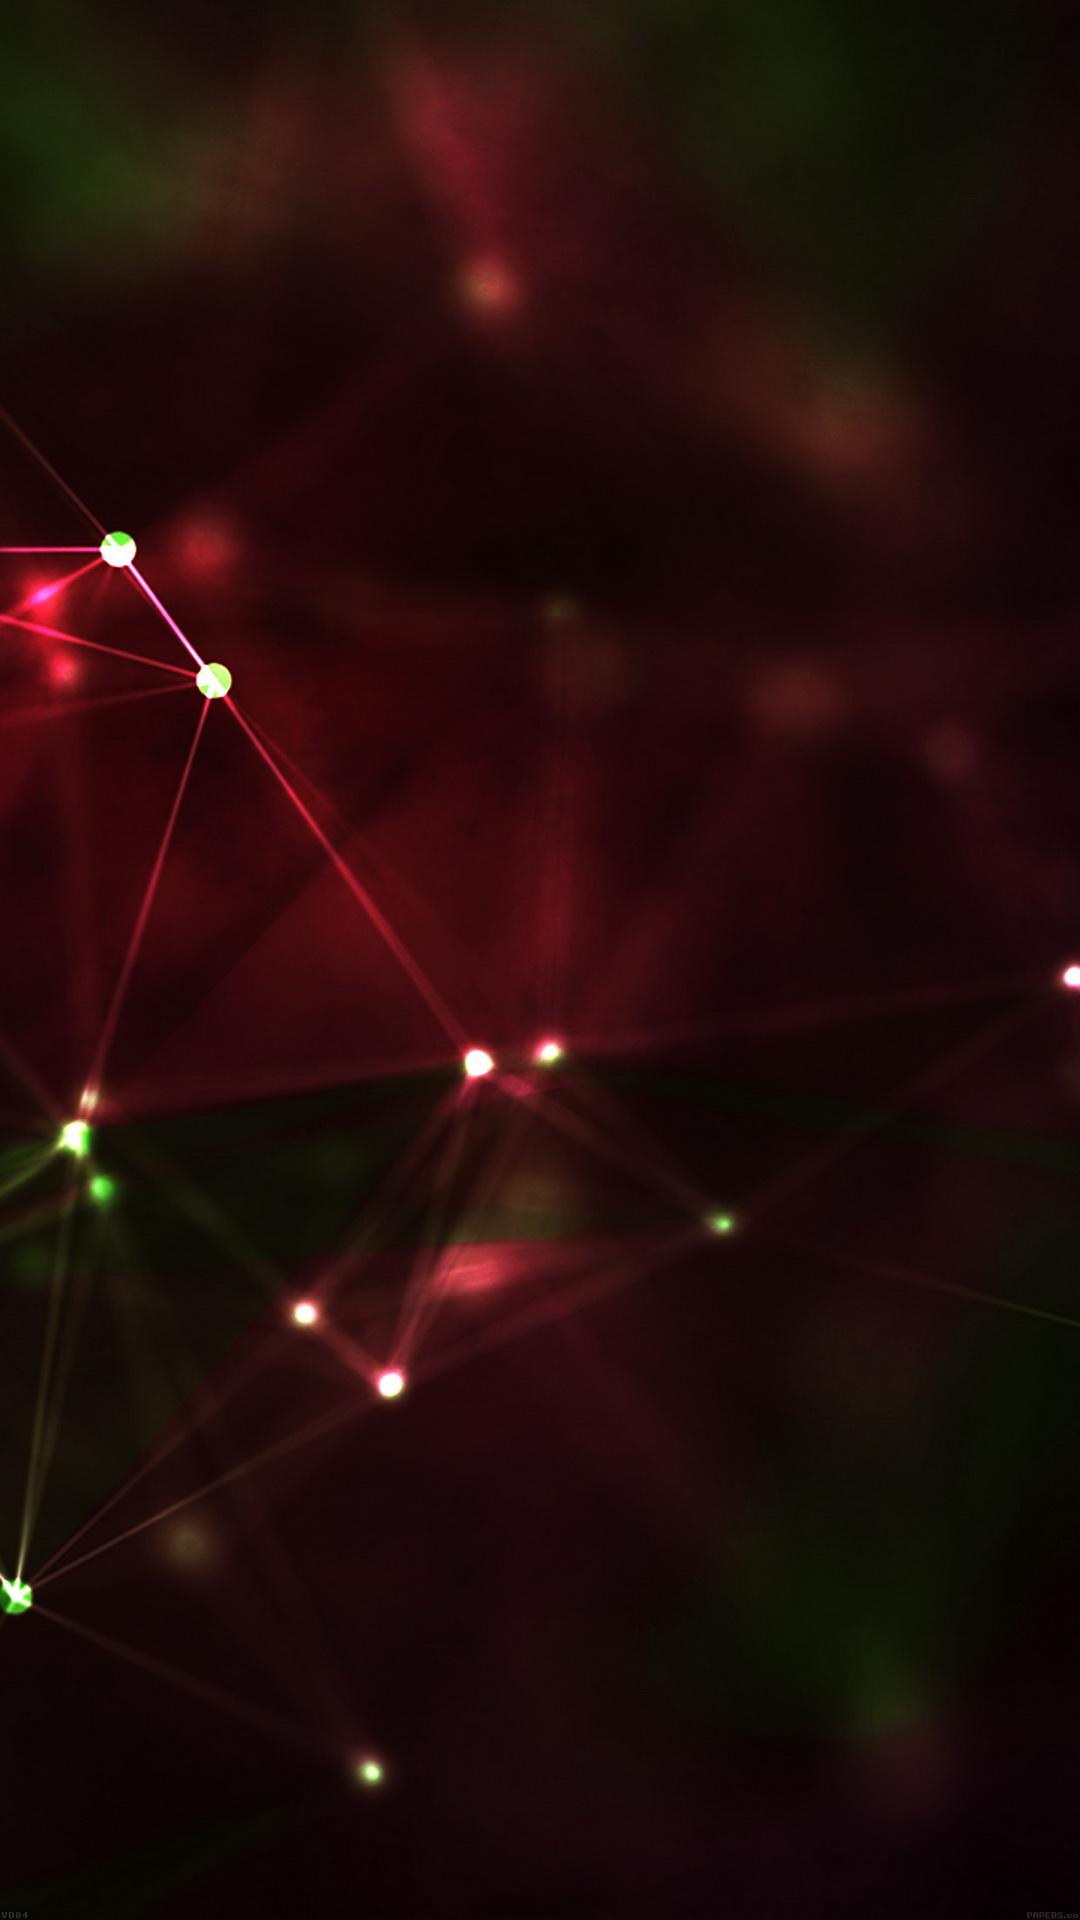 Scifi web red pattern